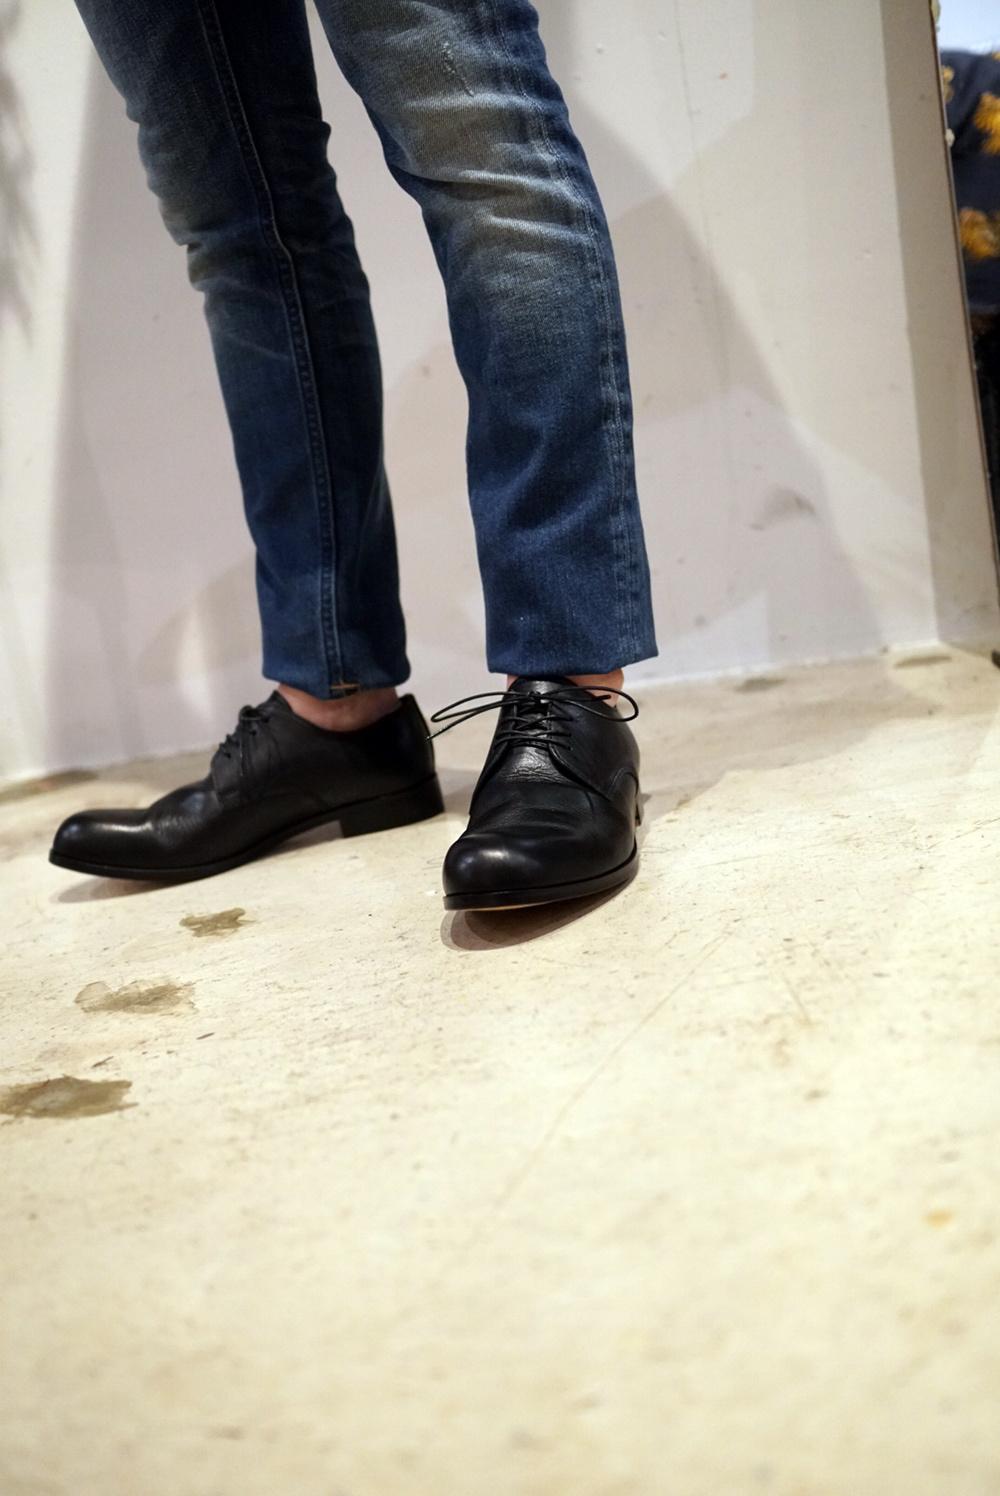 革靴を変えてますか?_a0155932_22284211.jpg